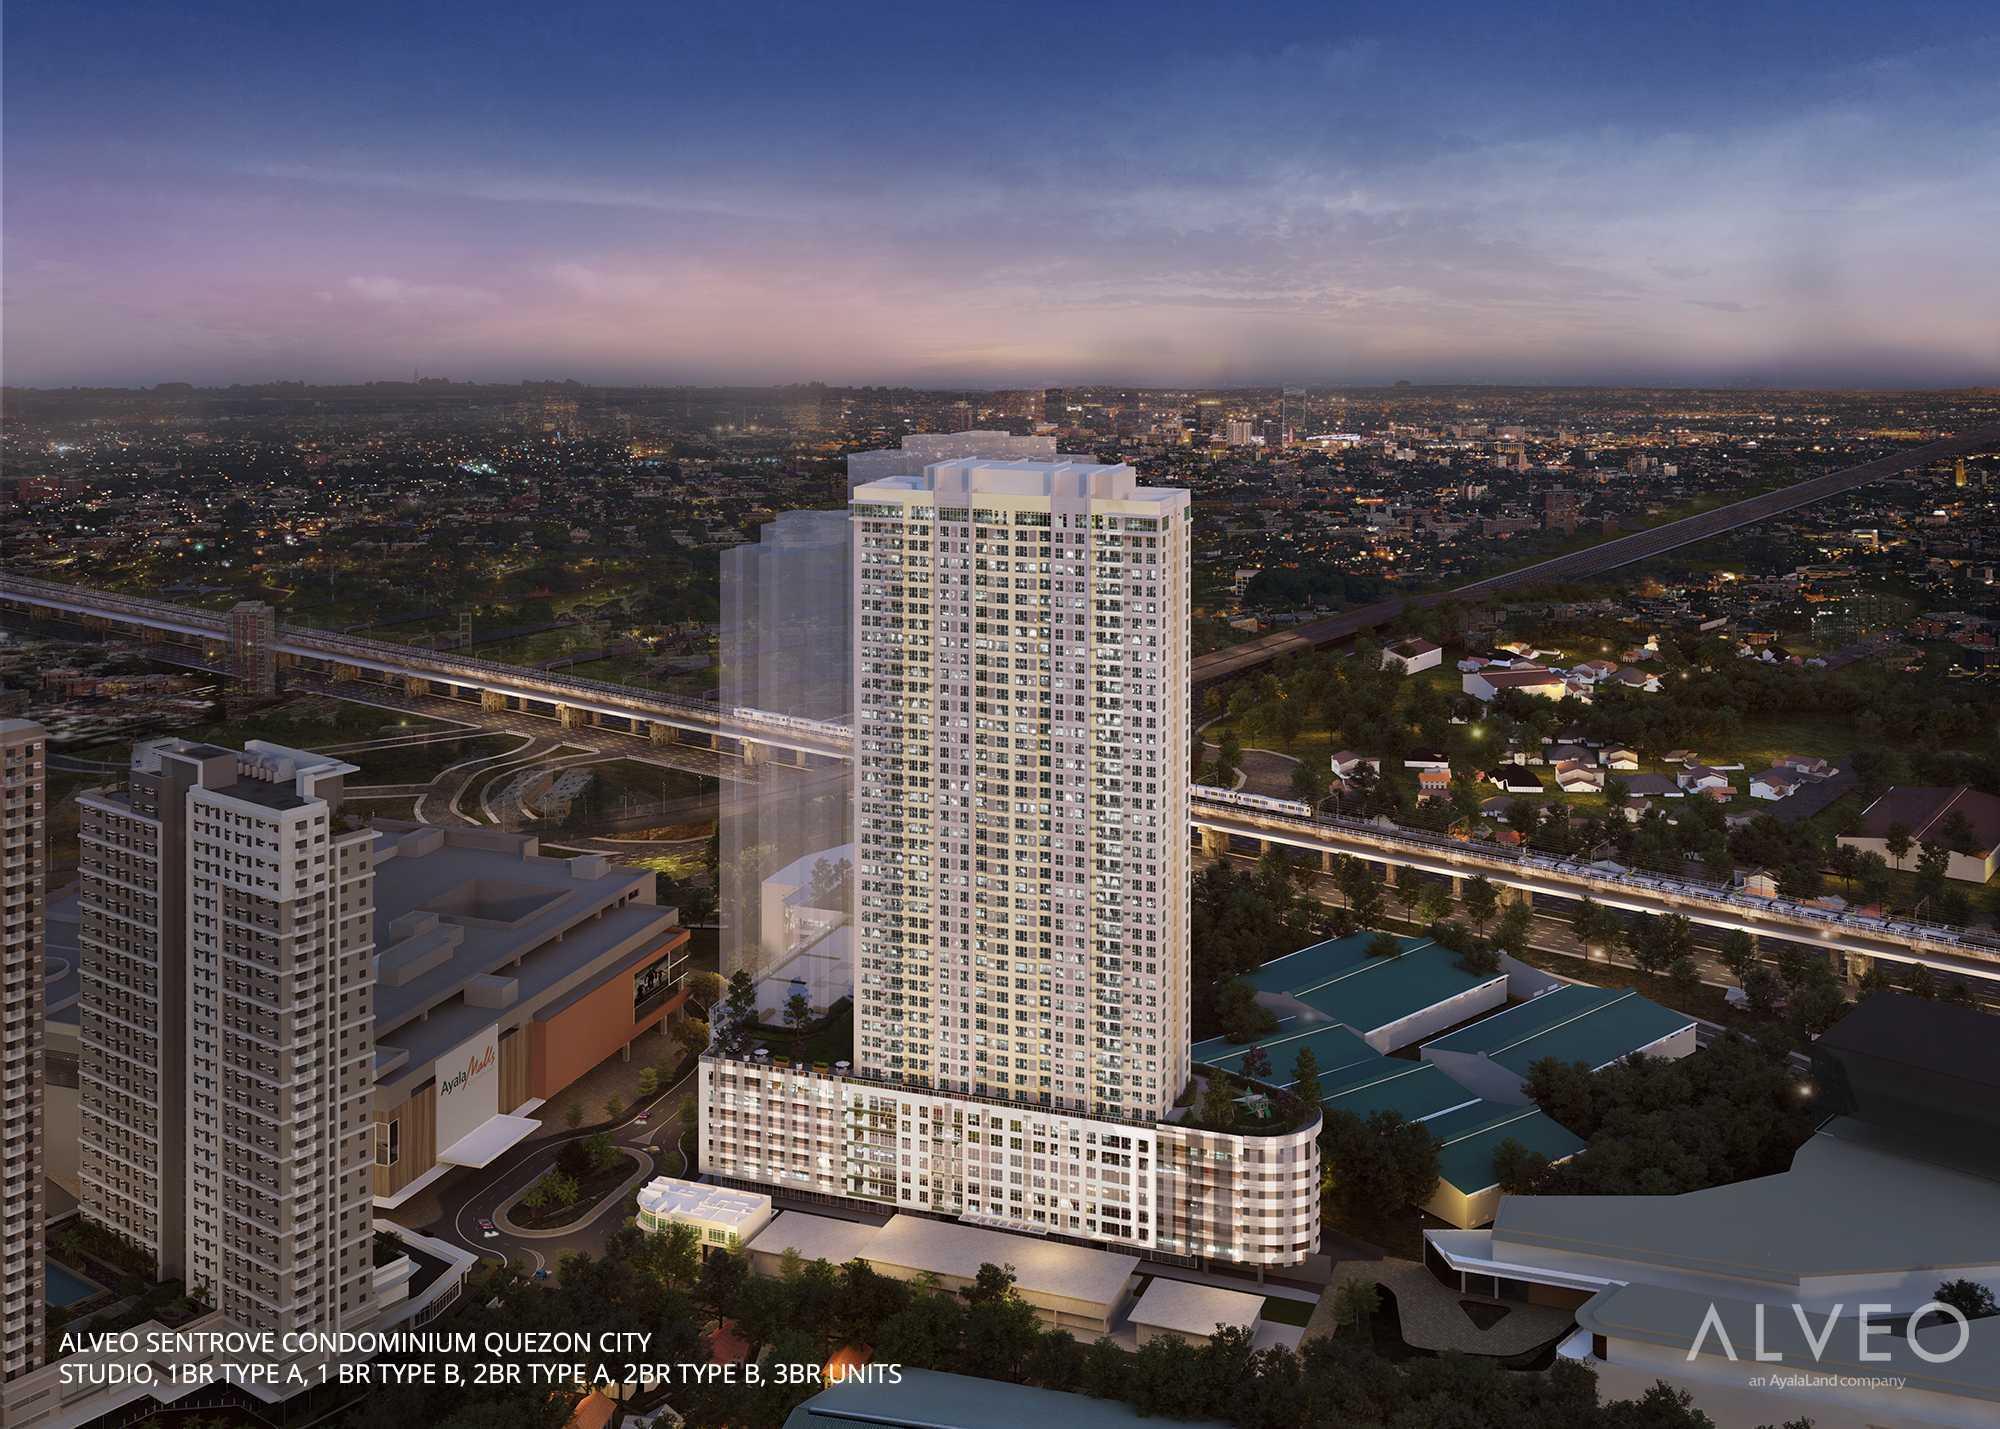 Sentrove at Cloverleaf Condominium Quezon City